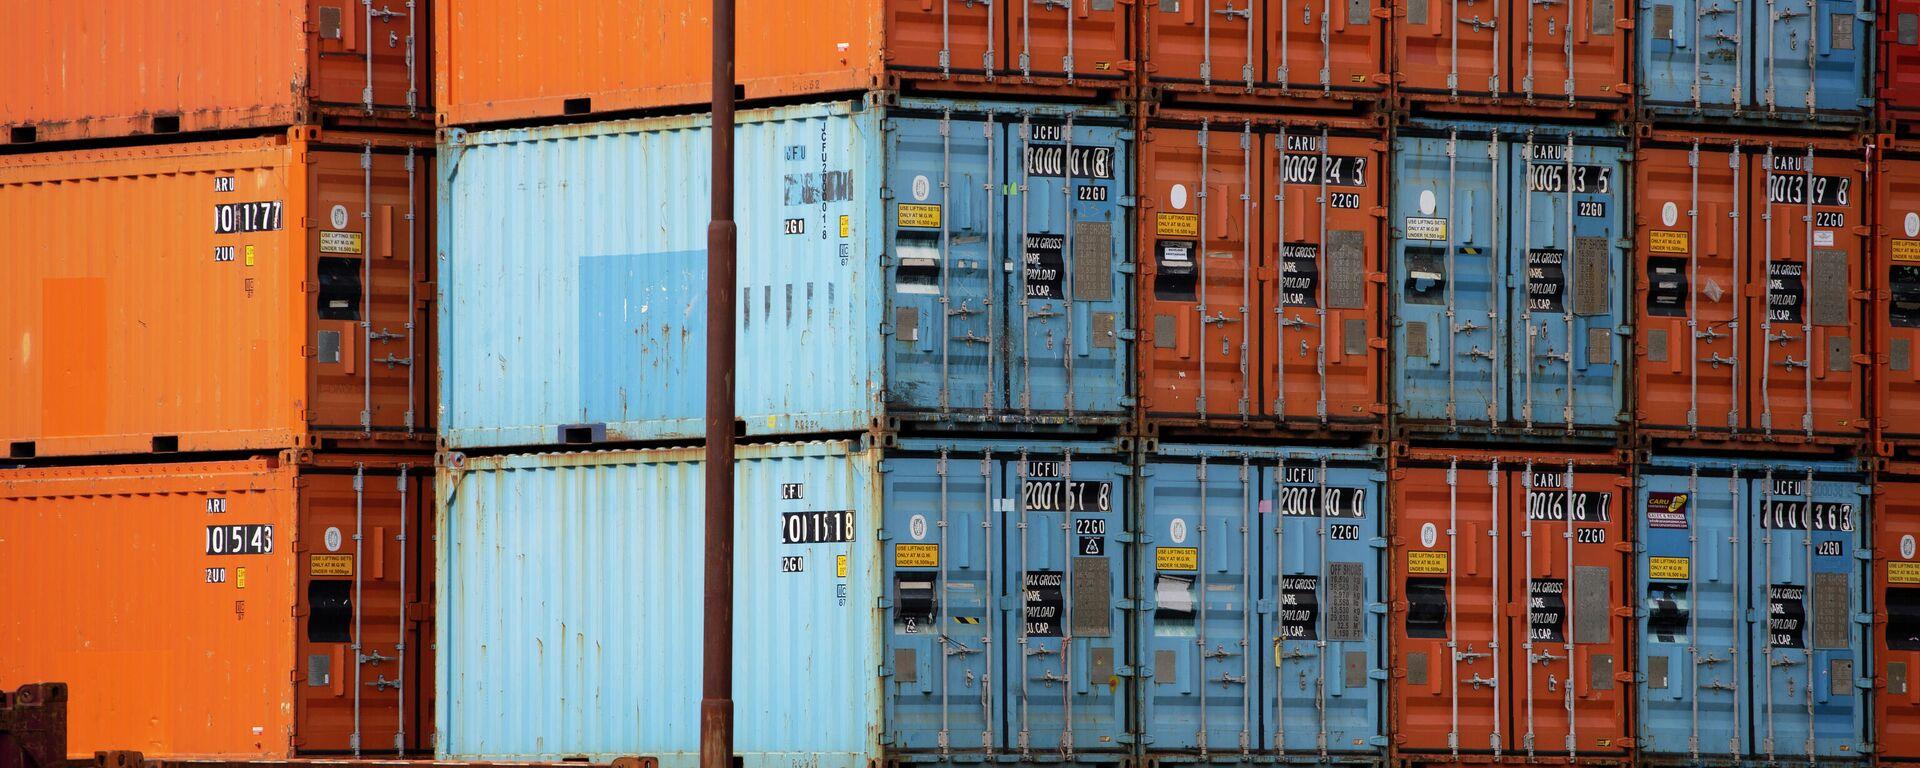 Container im Hafen von Rotterdam (Symbolbild) - SNA, 1920, 16.07.2021